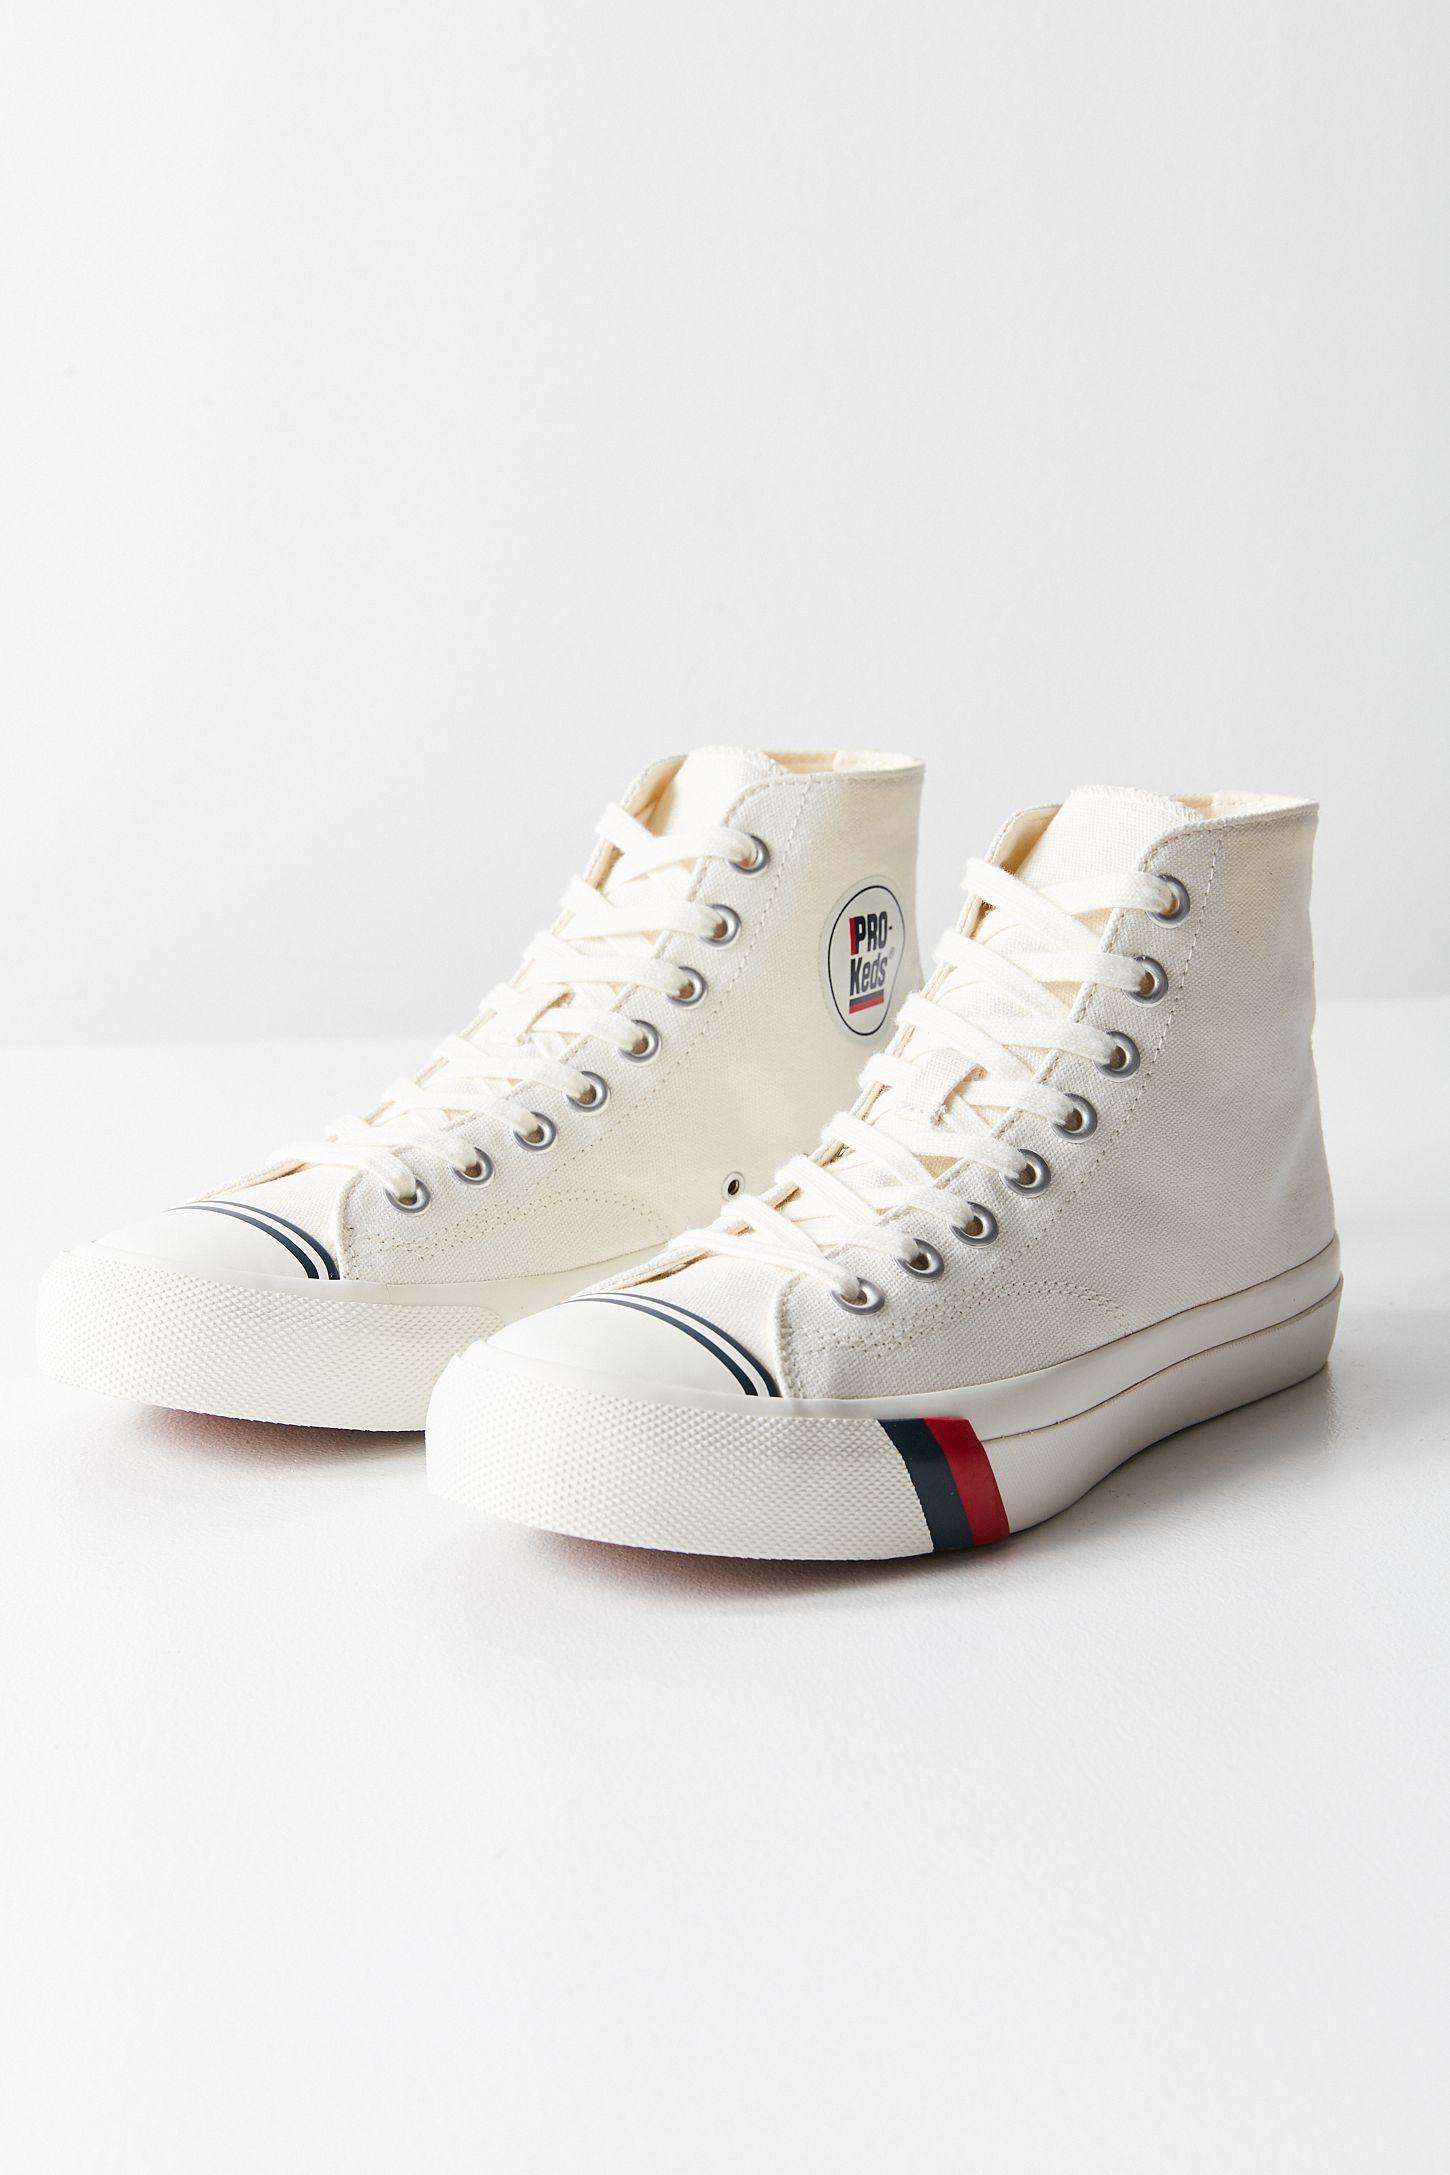 a54dfa1a967b2 Pro-Keds Royal Hi Sneaker